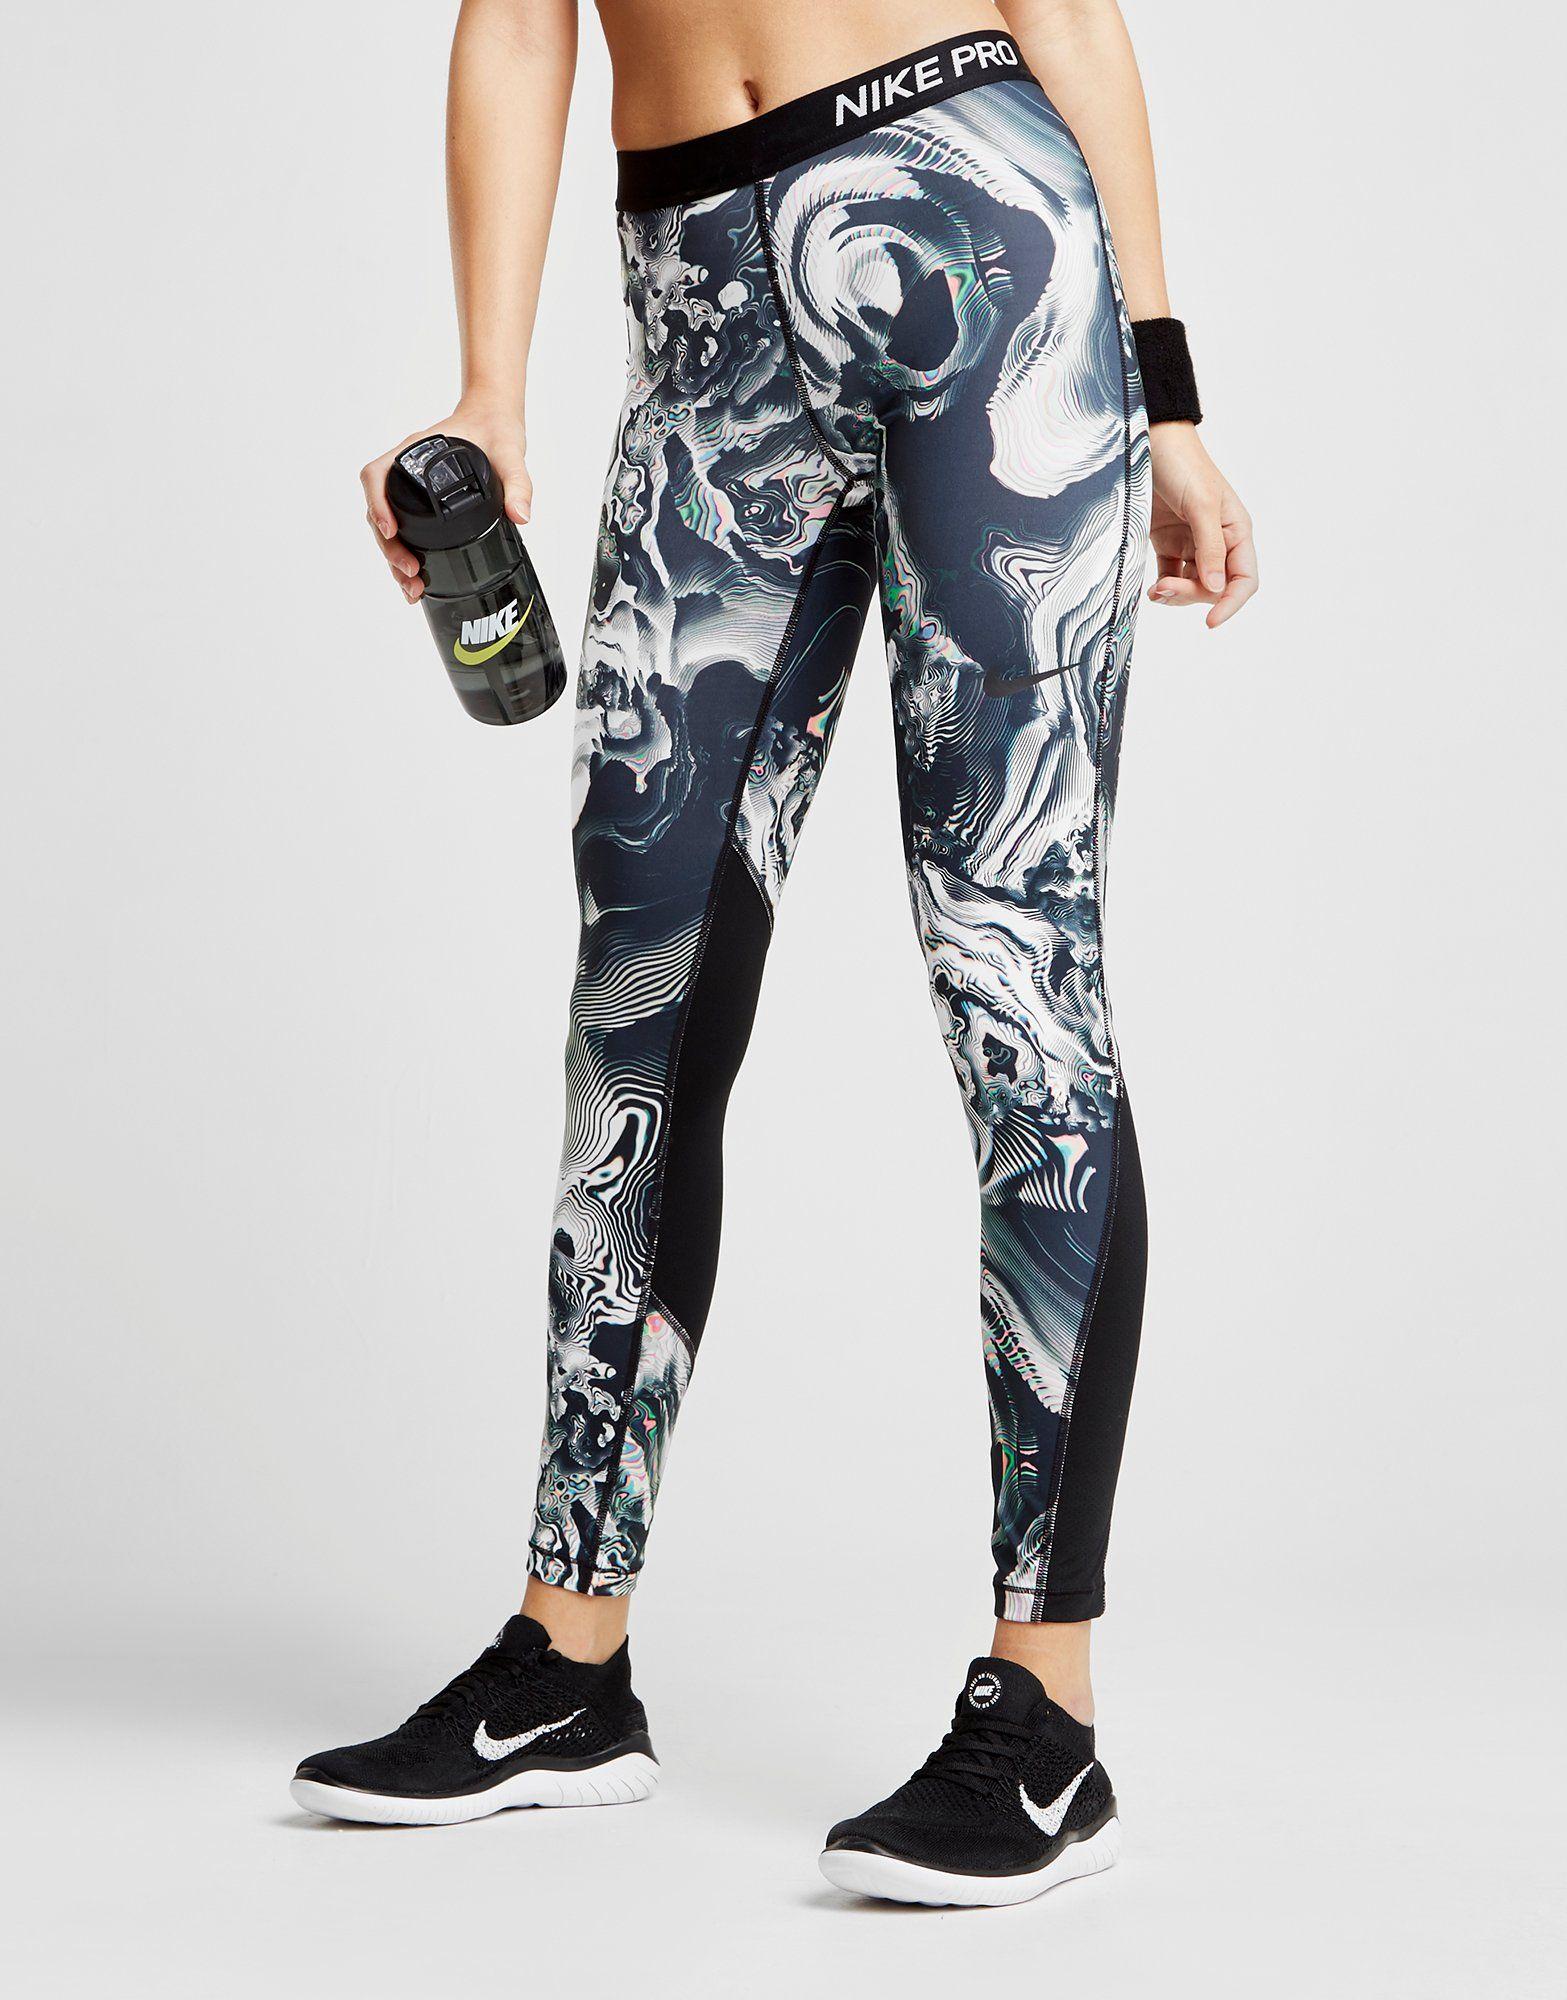 nike leggings marble pro femme jd sports. Black Bedroom Furniture Sets. Home Design Ideas